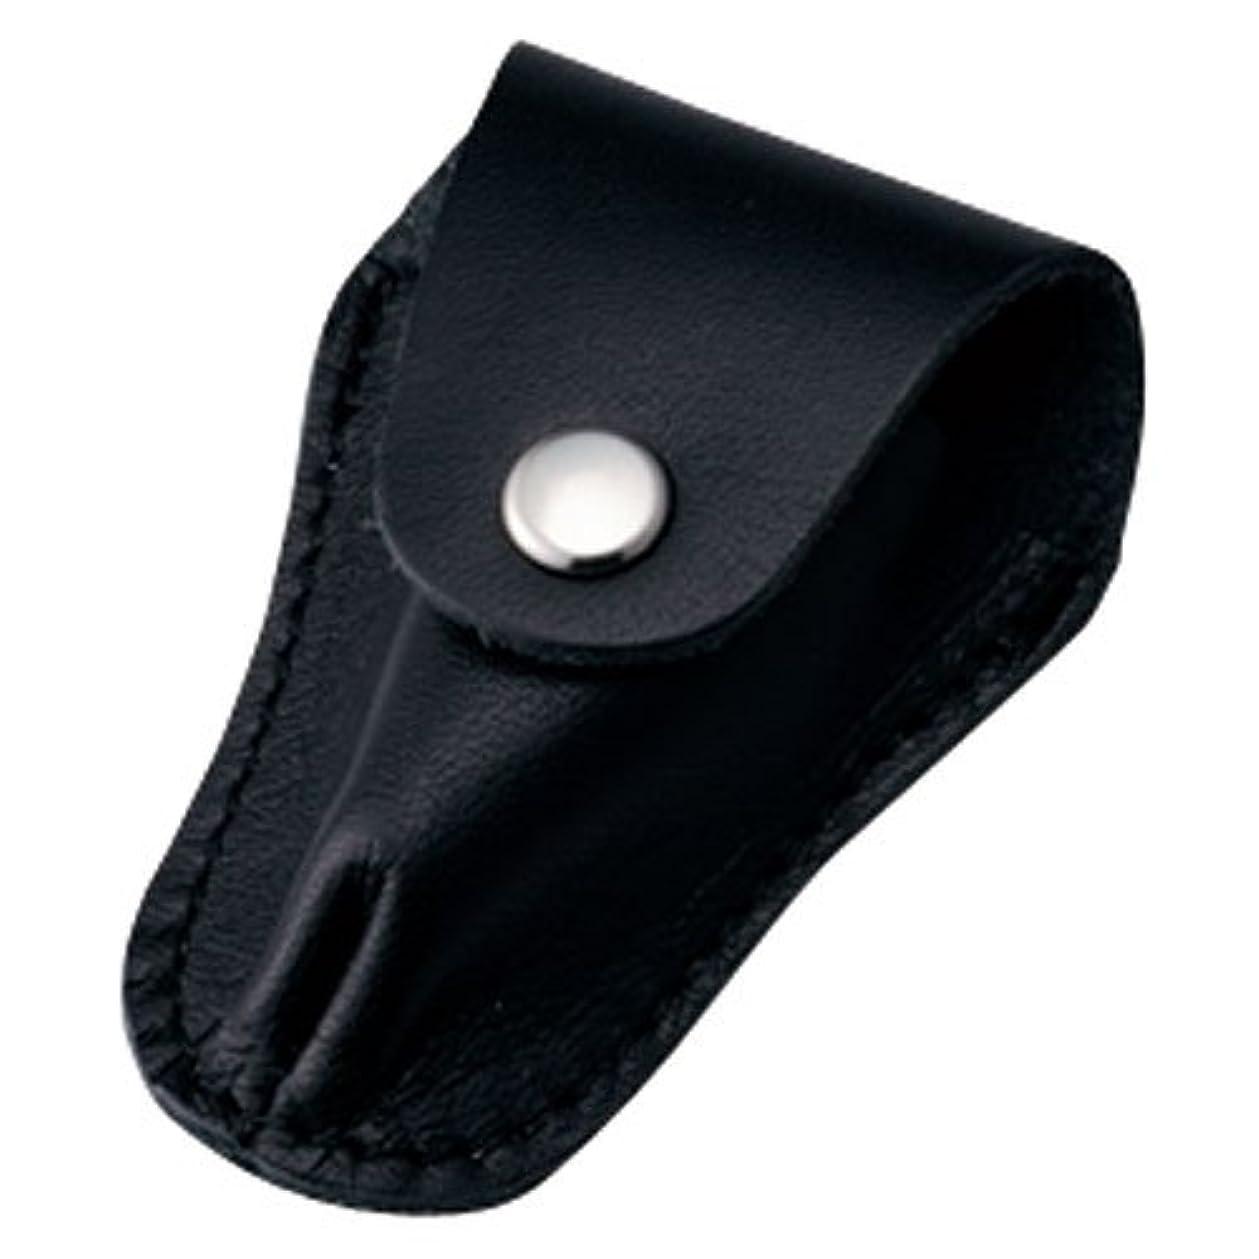 楕円形ゼロ助けて内海 ニッパーキャップL ブラック 本革製のキューティクルニッパー用刃先カバー